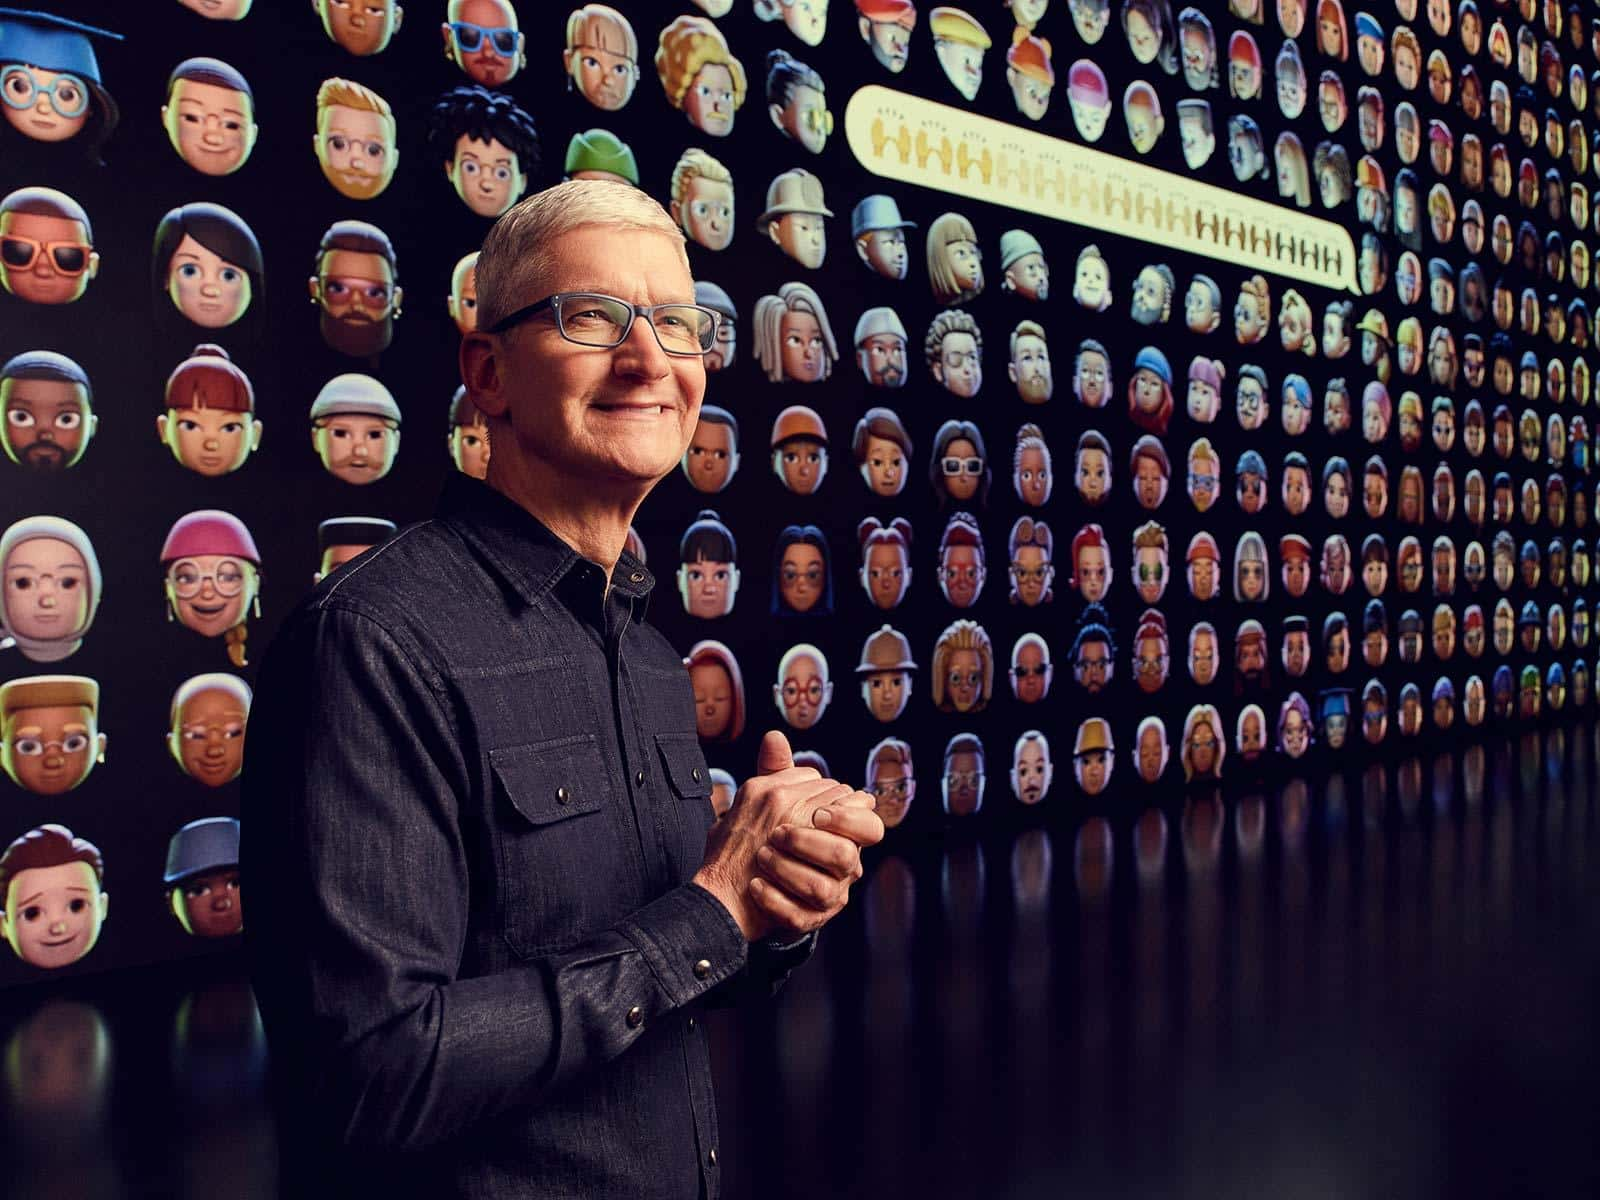 WWDC 2021: iOS 15, iPadOS 15, macOS Monterey, and watchOS 8